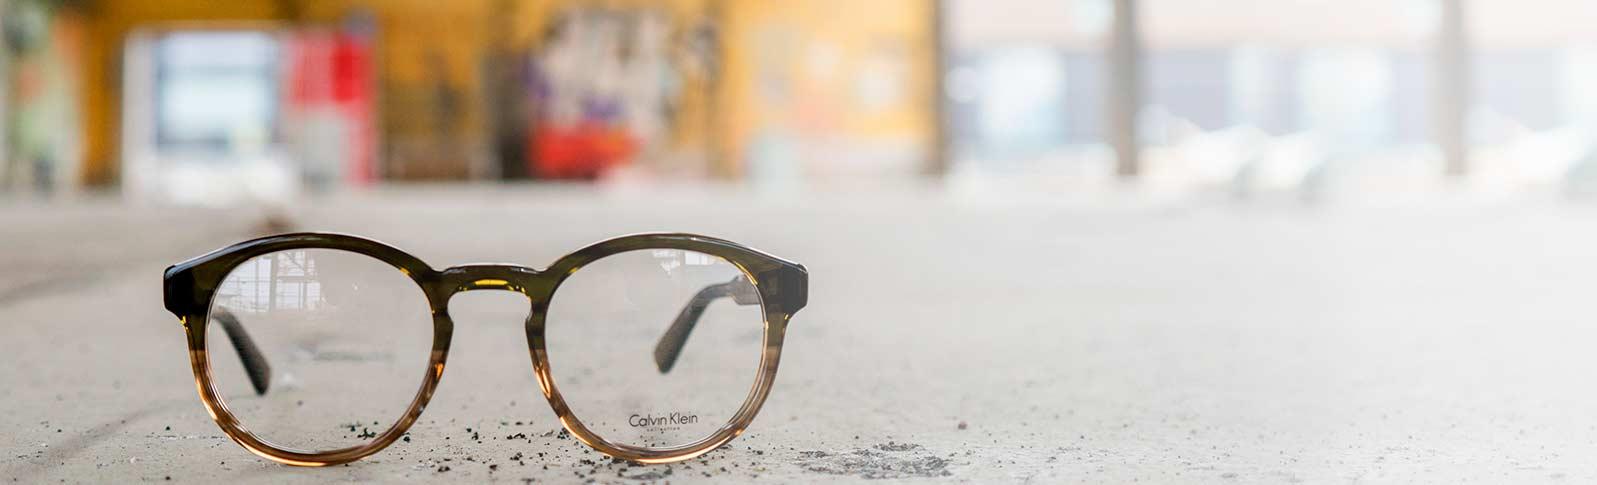 Briller fra Calvin Klein i en industriell setting